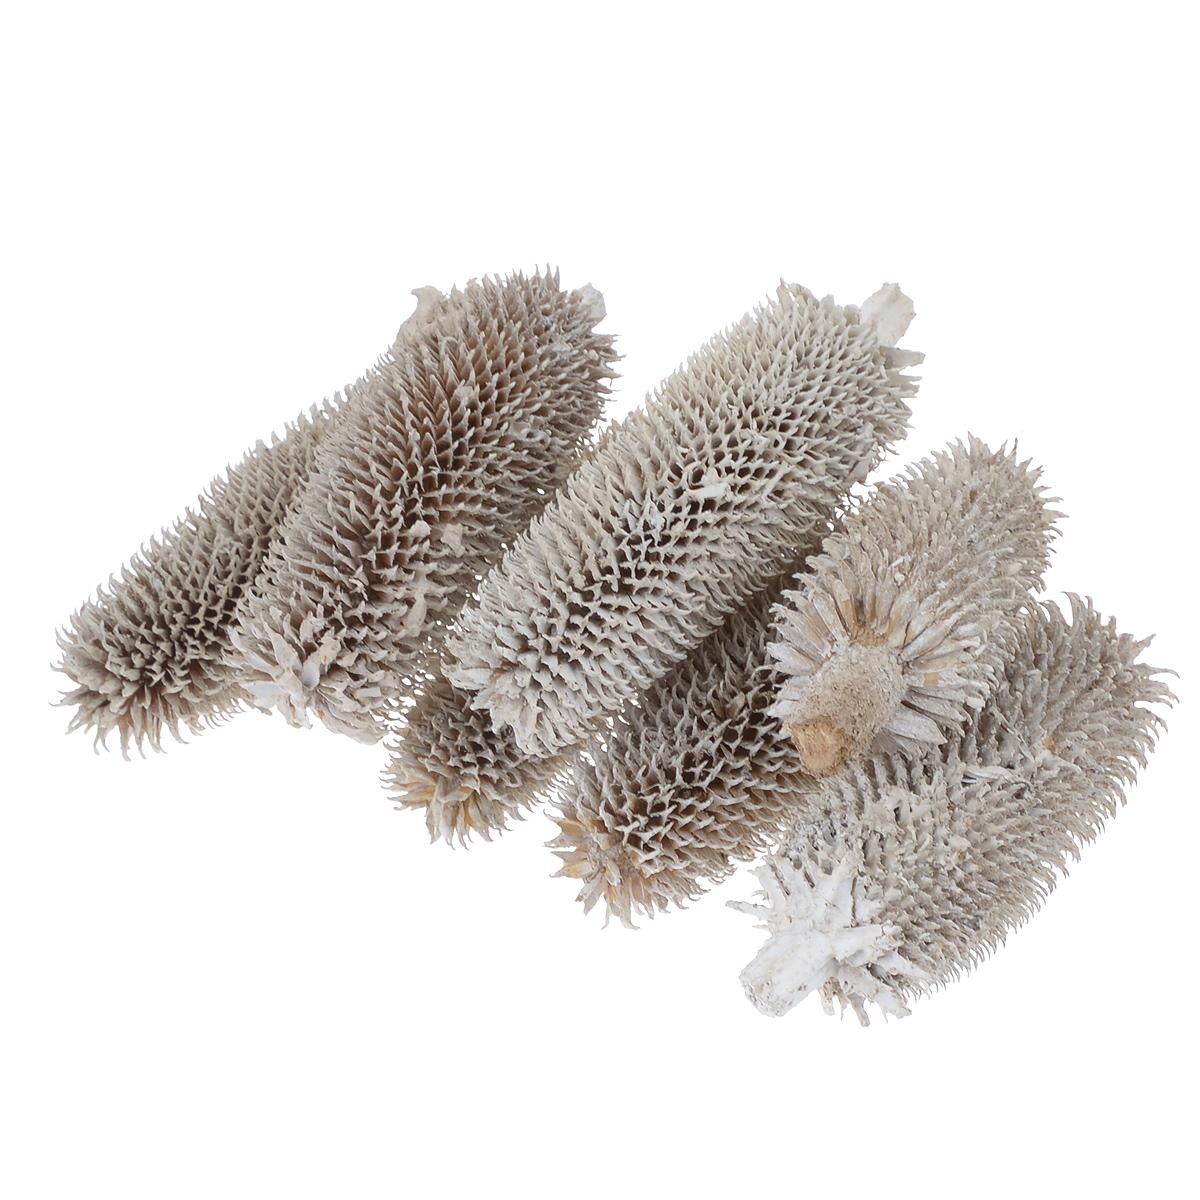 Декоративные элементы Dongjiang Art, 100 г. 7708957RSP-202SДекоративные элементы Dongjiang Art изготовлены из природного материала и предназначены для украшения цветочных композиций. Флористика - вид декоративно-прикладного искусства, который использует живые, засушенные или консервированные природные материалы для создания флористических работ. Это целый мир, в котором есть место и строгому математическому расчету, и вдохновению. Средний размер элемента: 3,5 см х 3,5 см х 12 см.